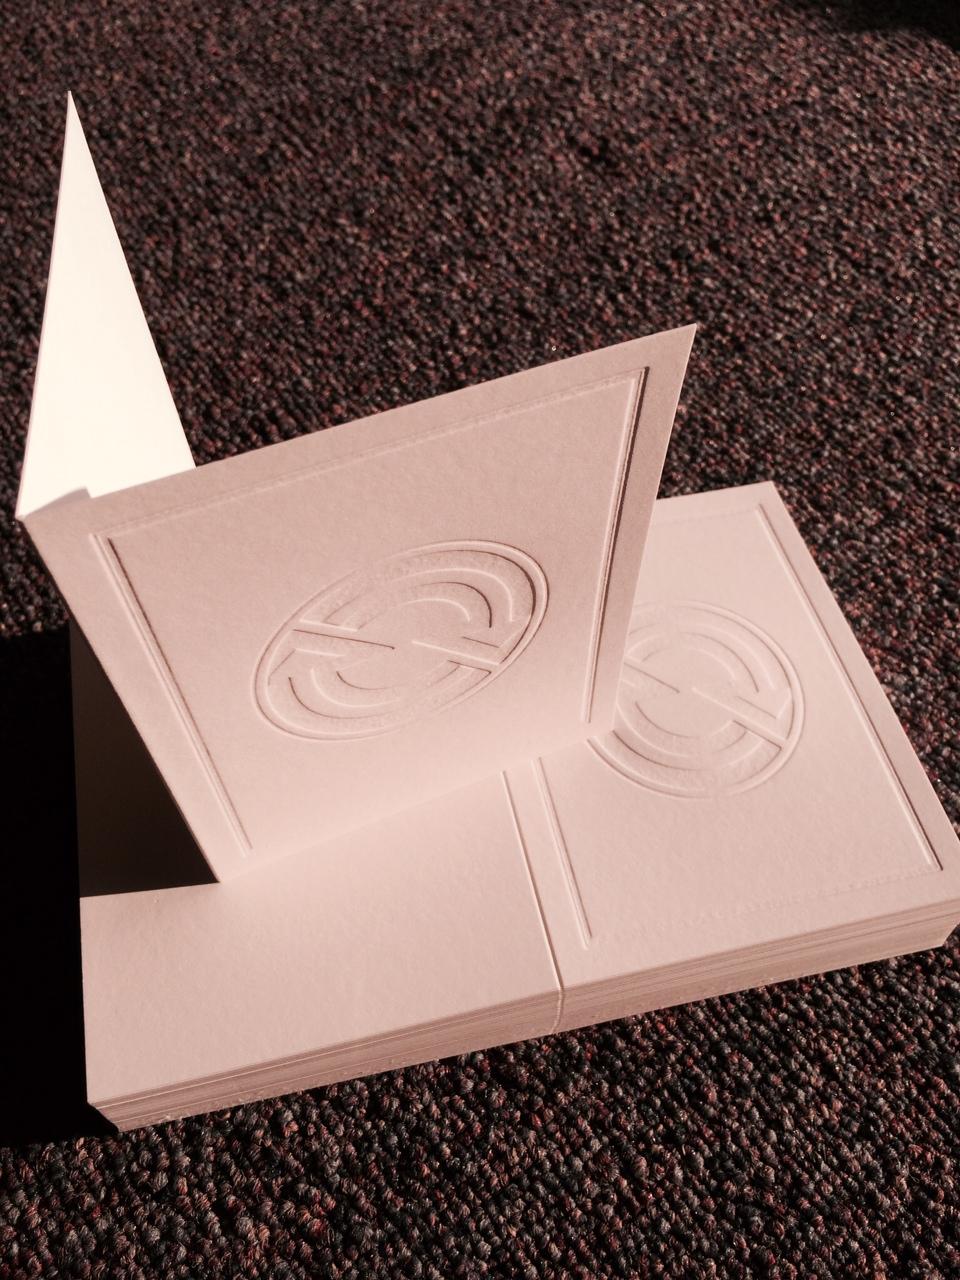 Blind Letterpress.JPG